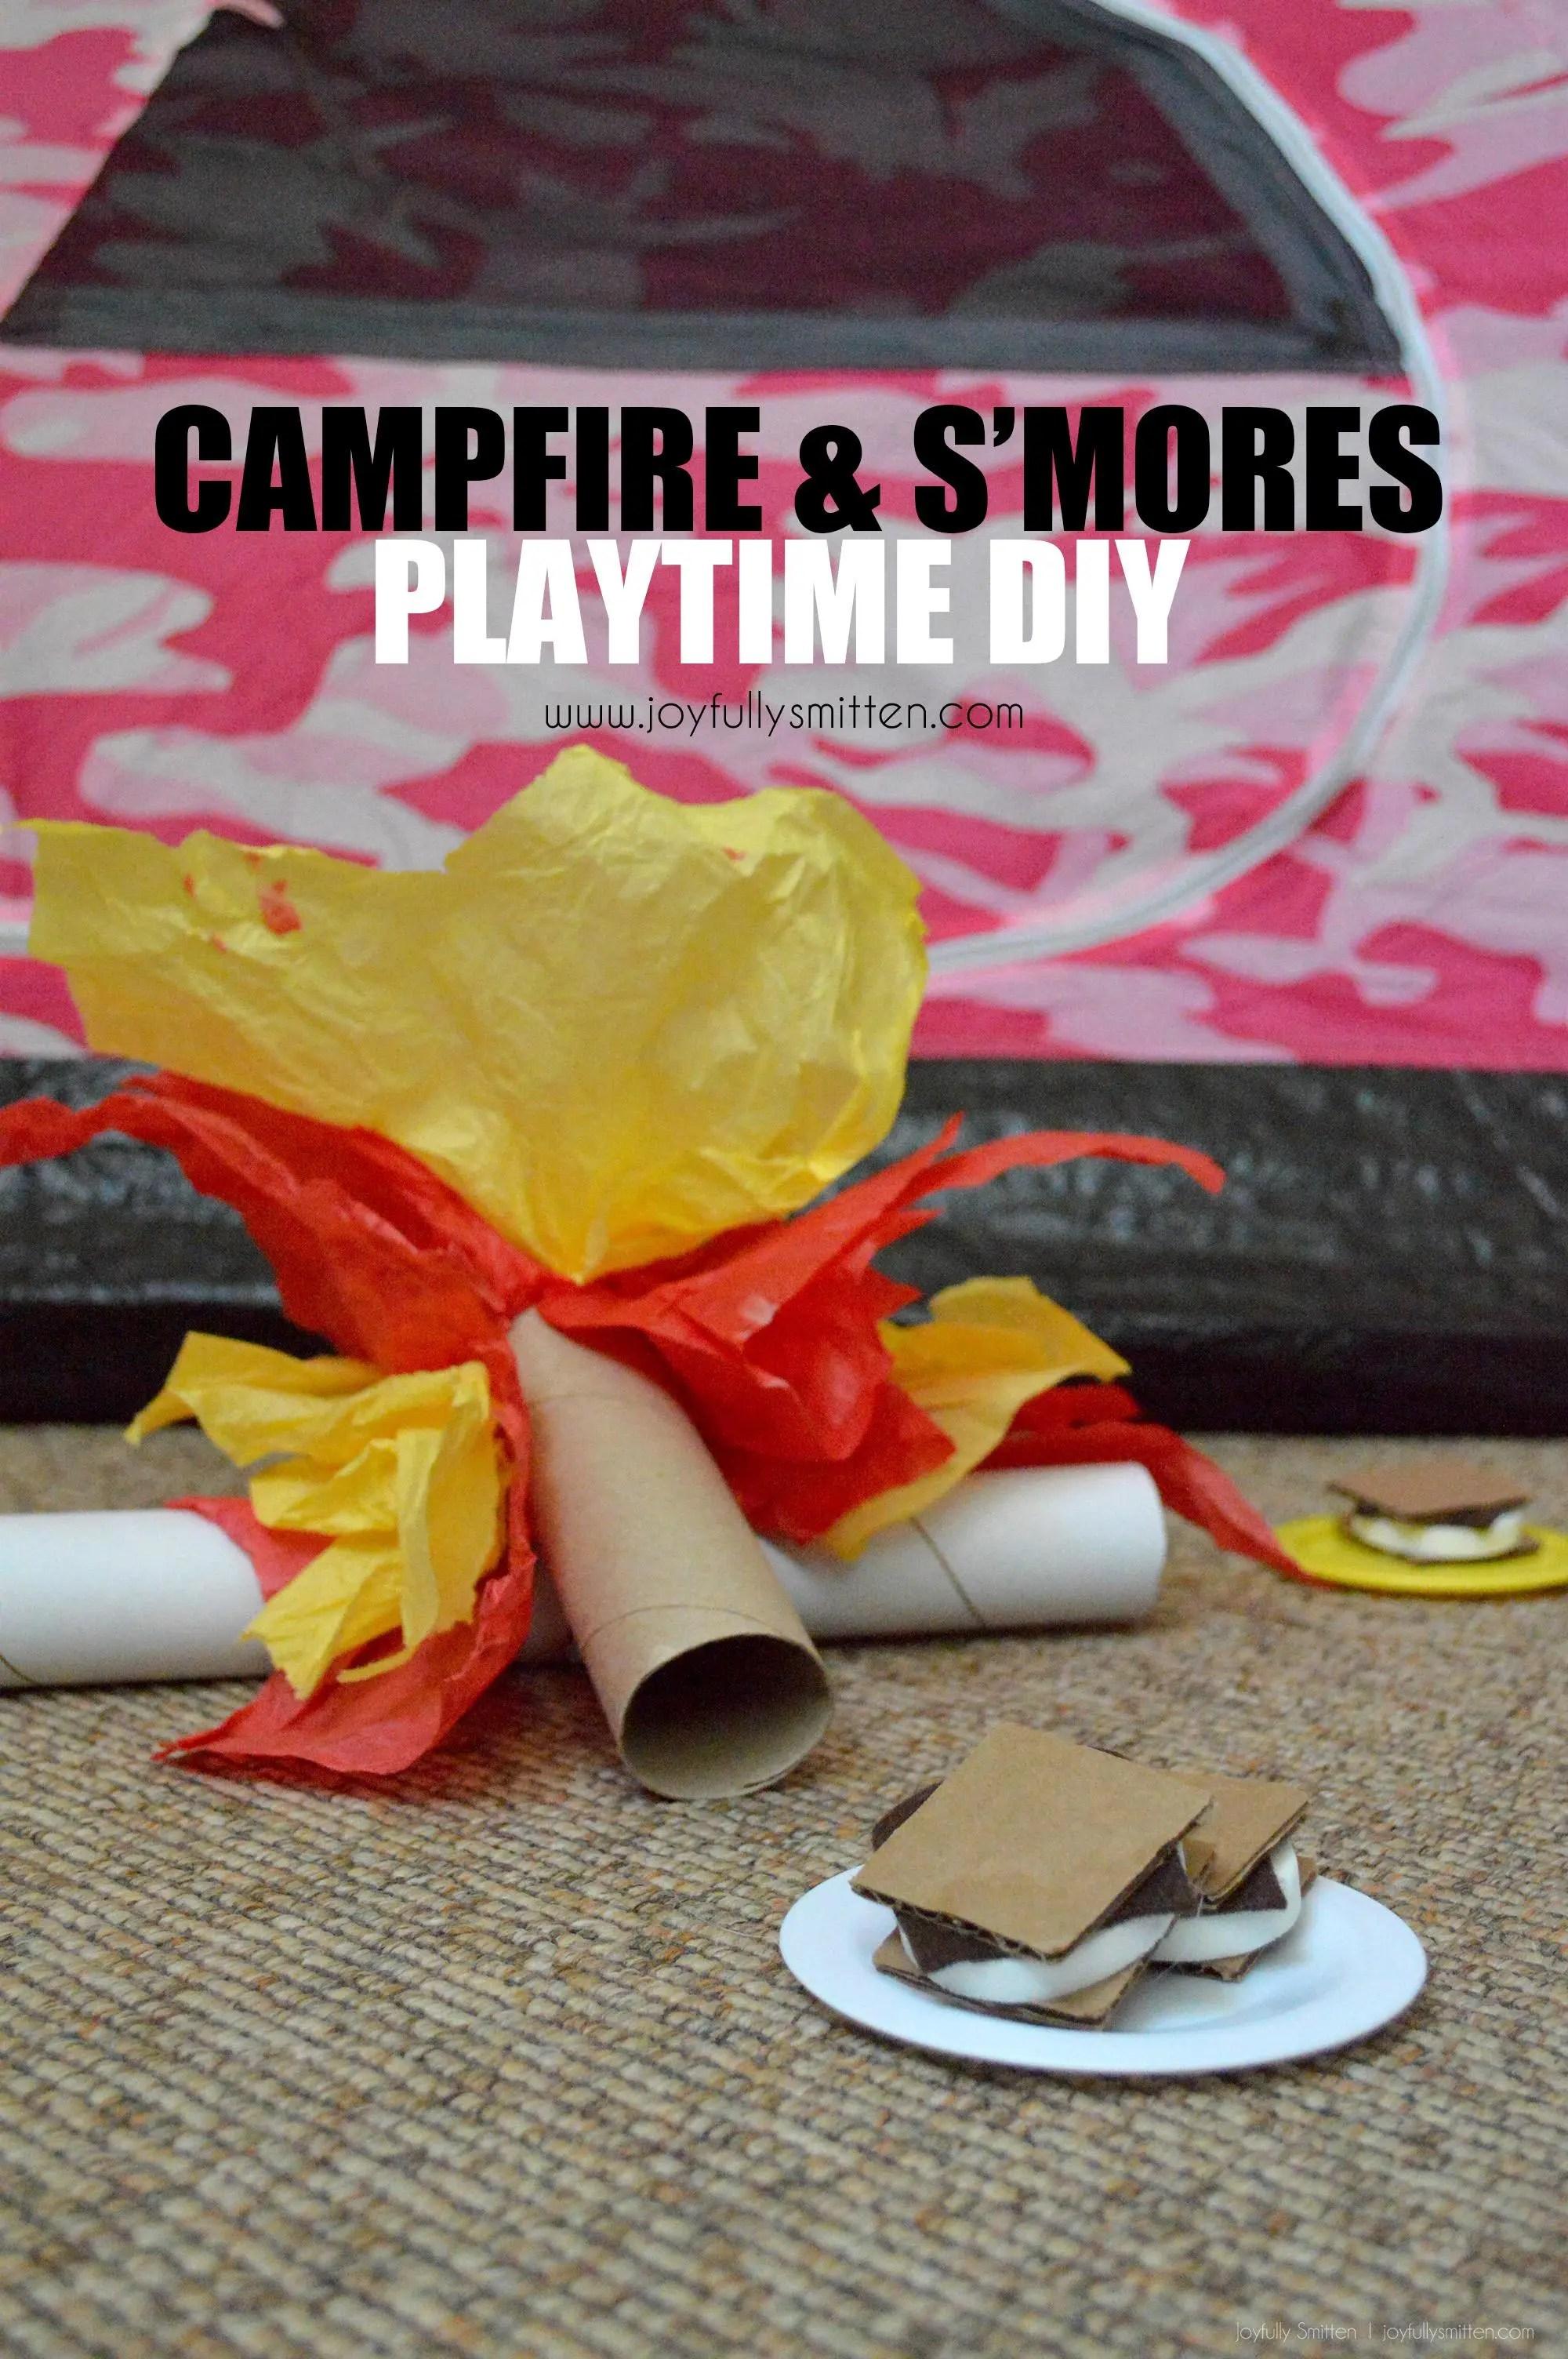 KIDS CAMPFIRE AND SMORES DIY